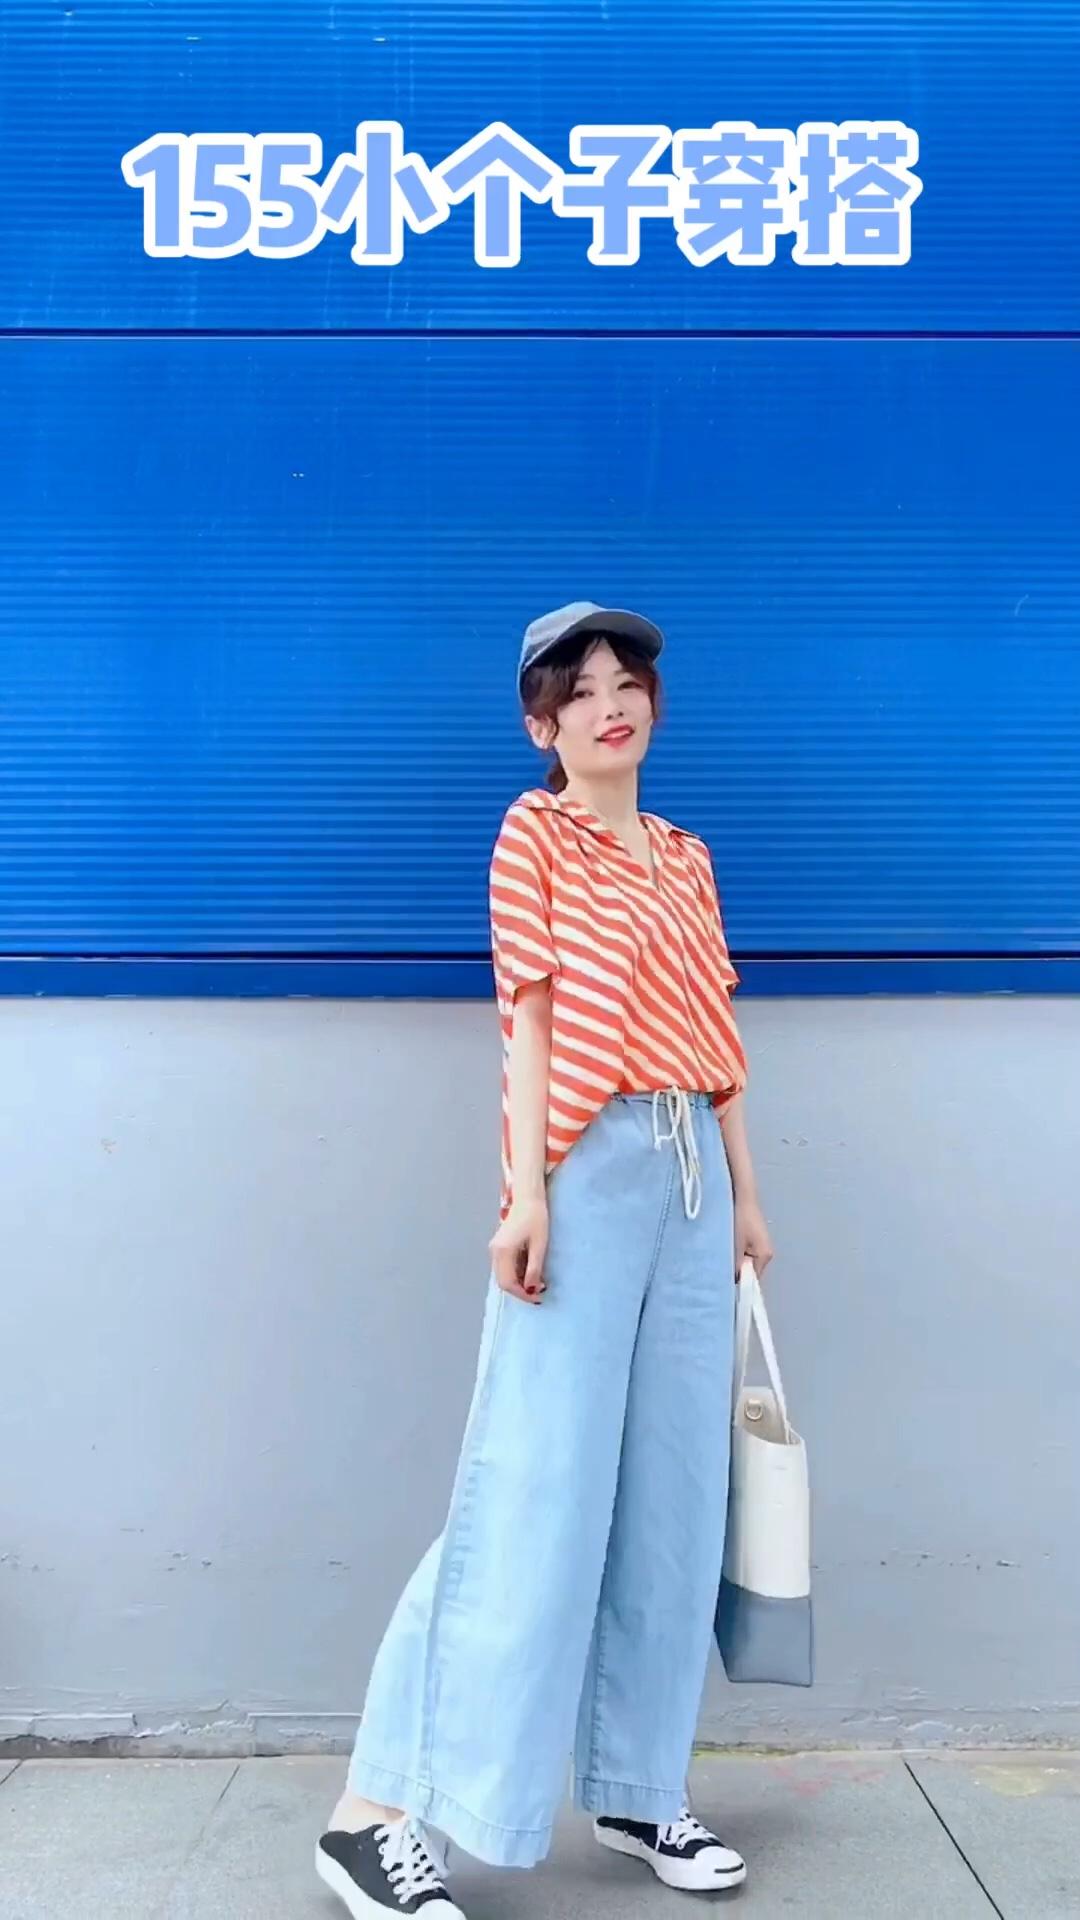 #日常时髦经:舒服最重要!#  牛仔阔腿裤 显瘦第一名哦 还能很好的修饰腿型哈 浅蓝色hin适合夏天 搭配度假风的雪纺衬衫 橘色和蓝色的配色很好看哈